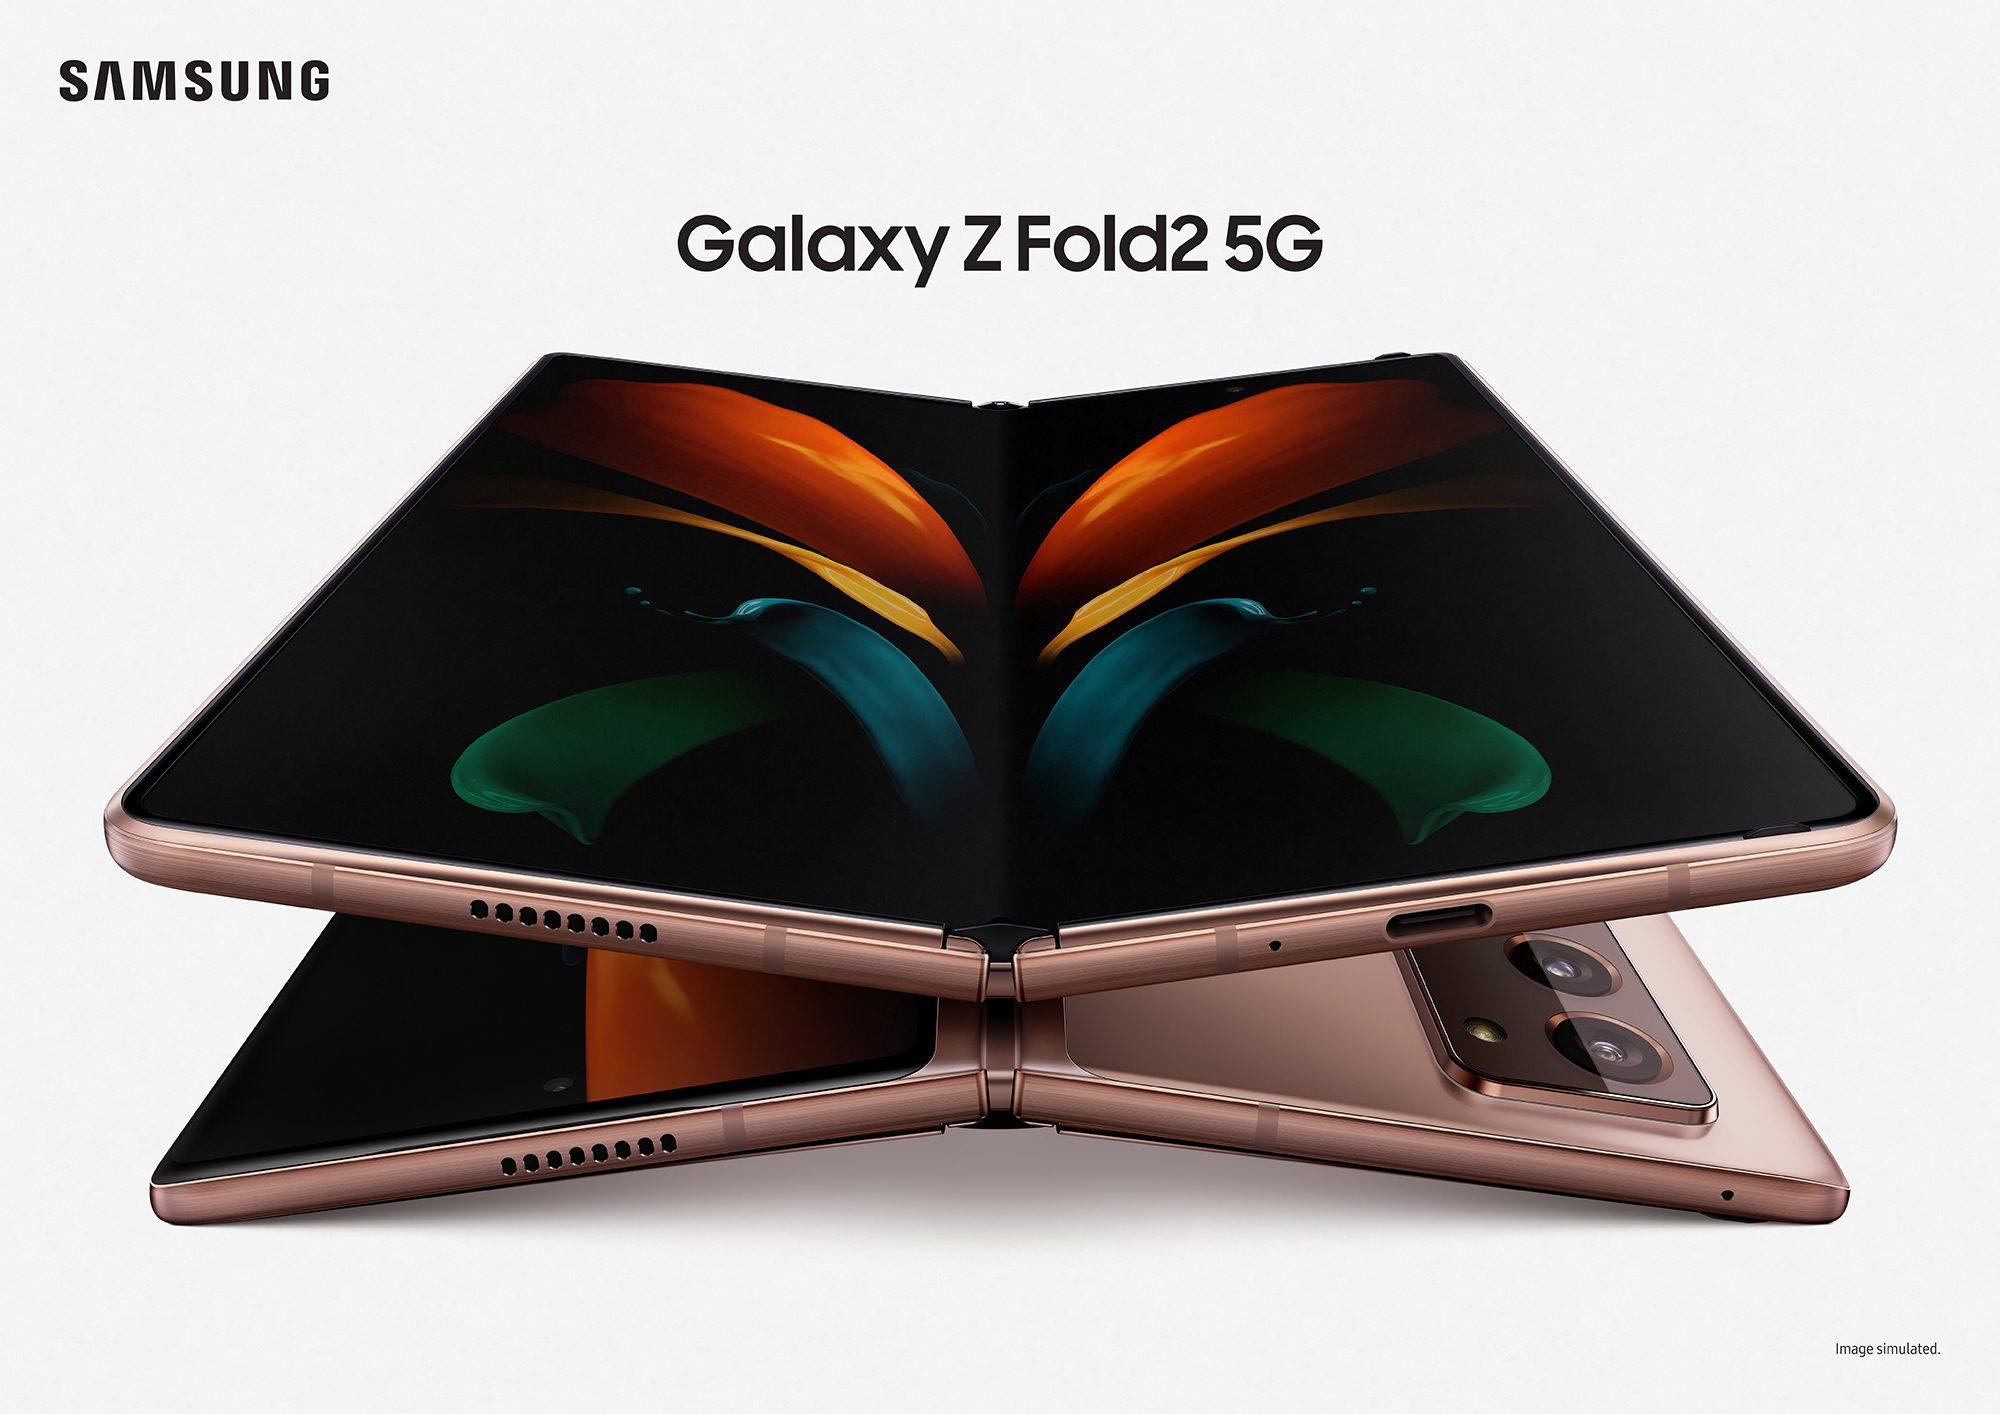 Продажи Galaxy Z Fold 2 остановились в США в преддверии ожидаемого по слухам запуска Galaxy Z Fold 3